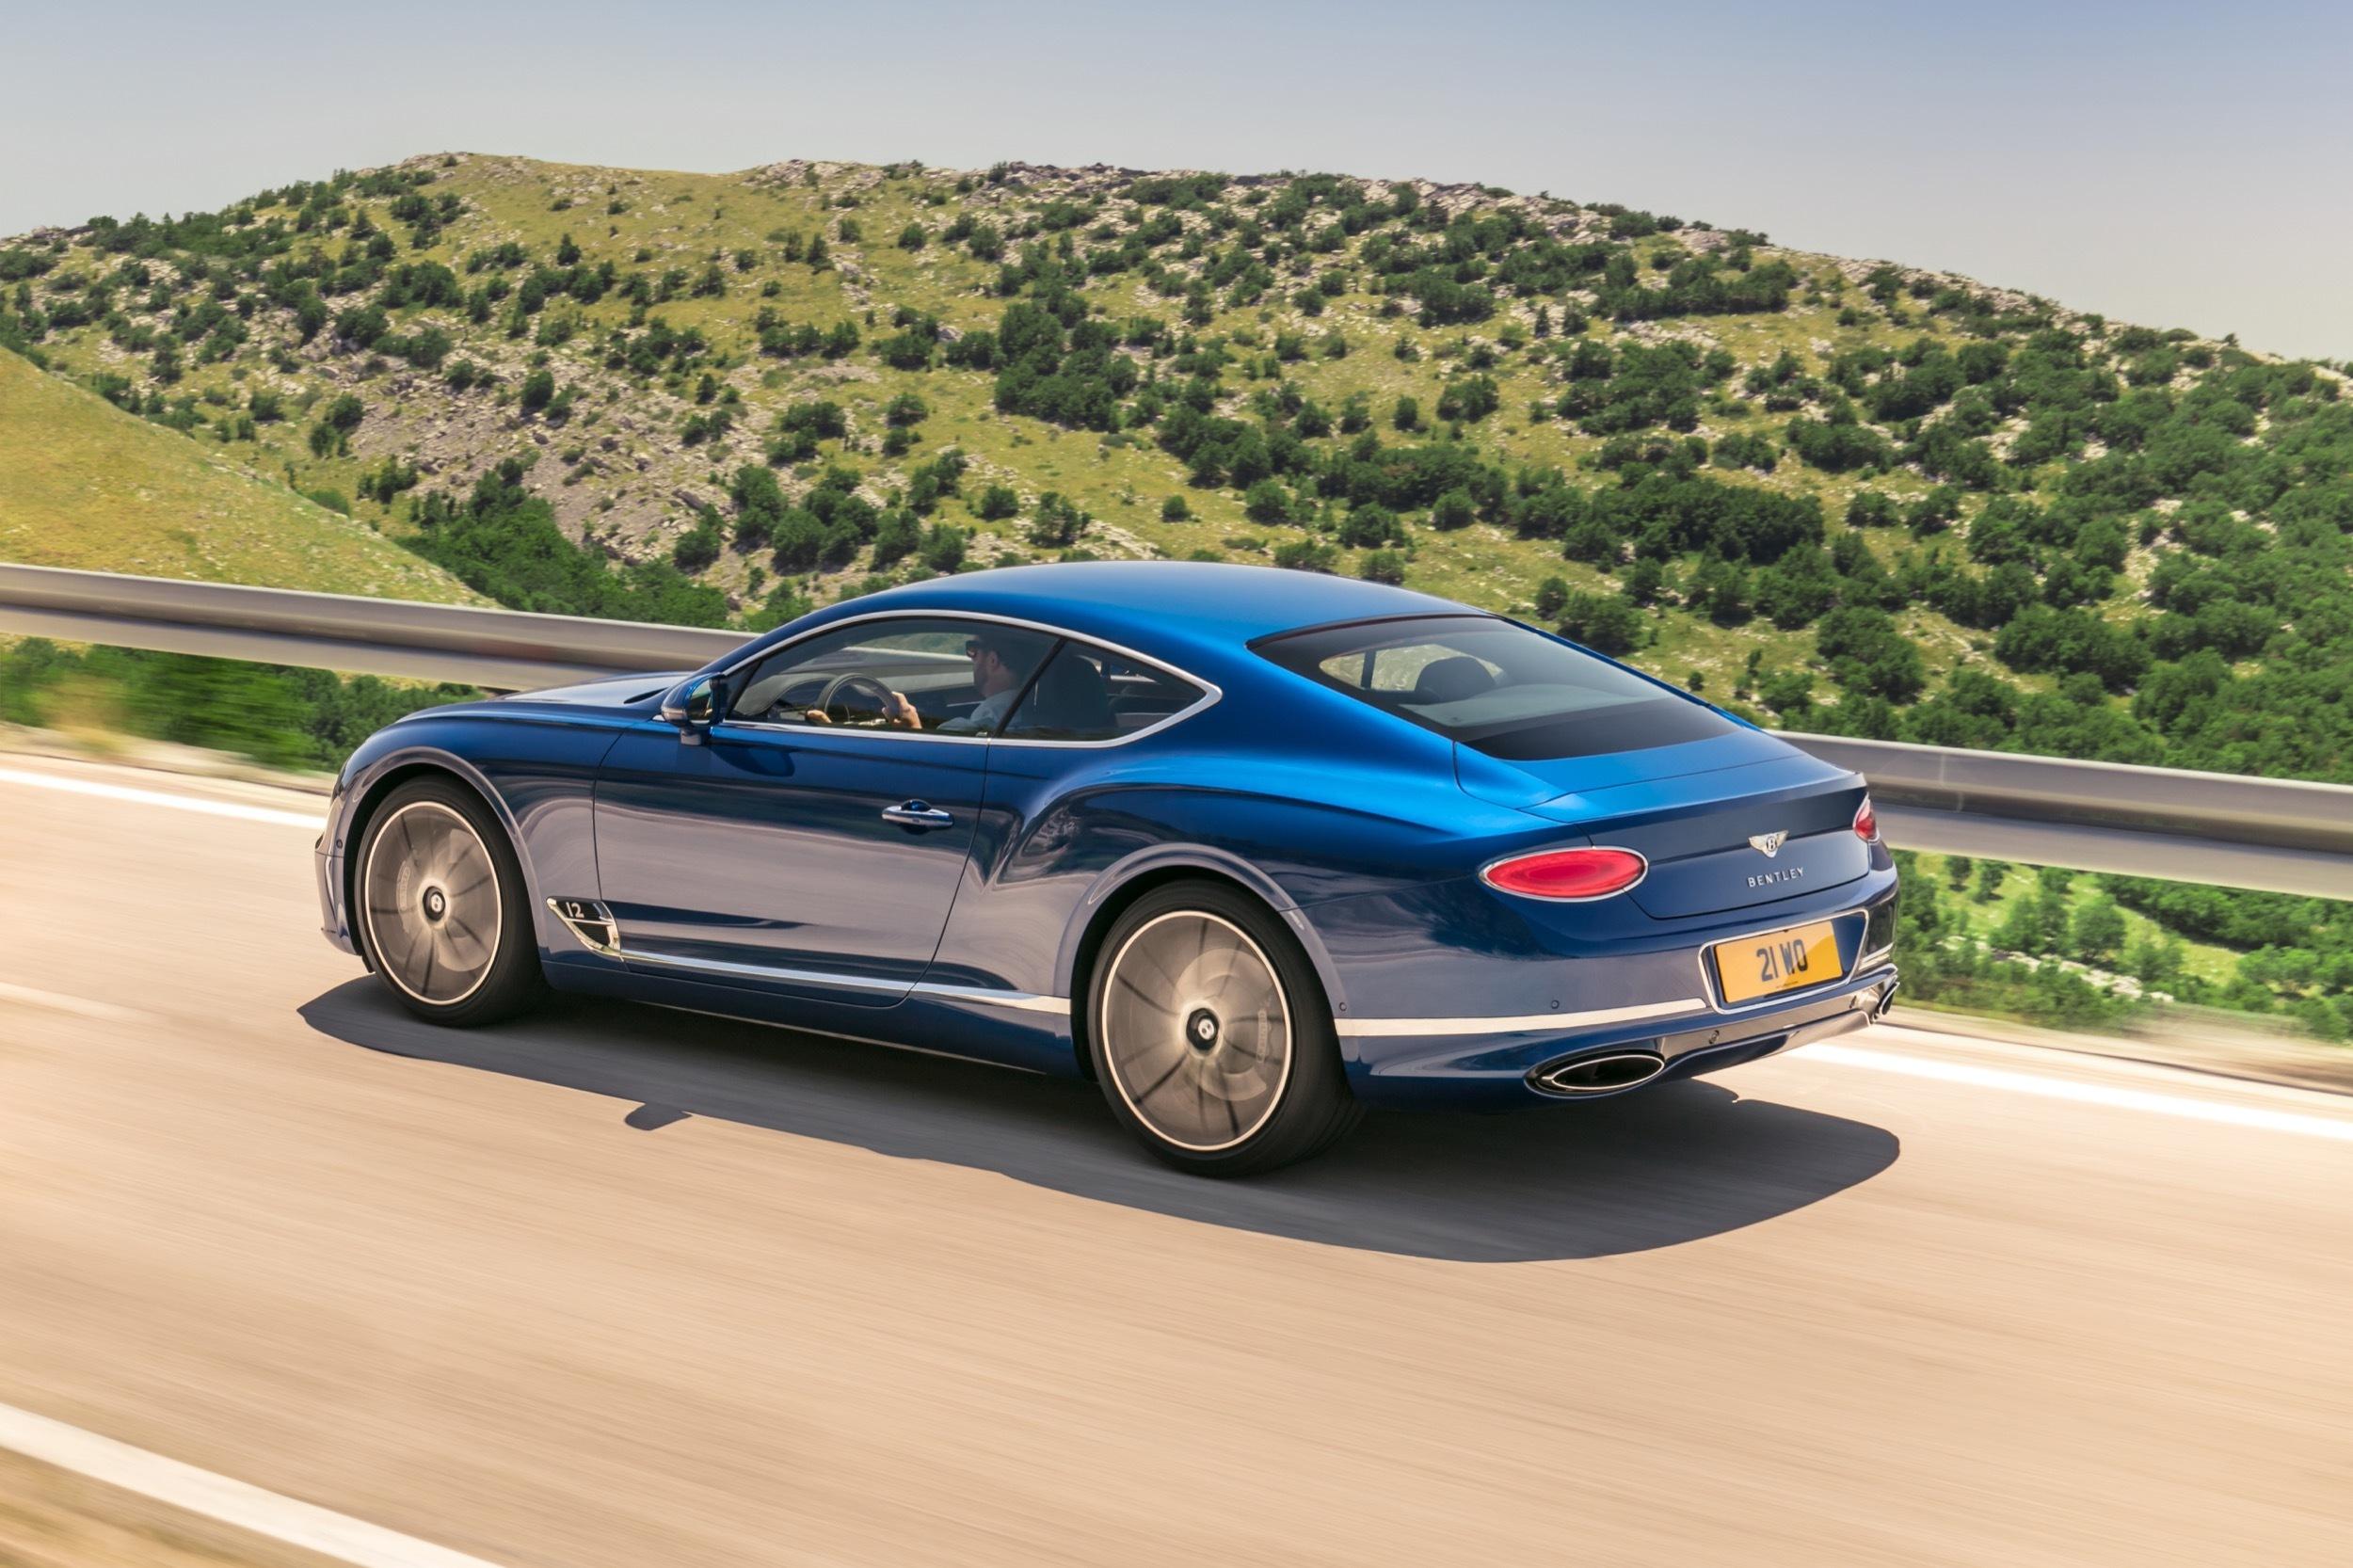 Nya Bentley Continental GT med drag av EXP 10 Speed 6 Bilkoll